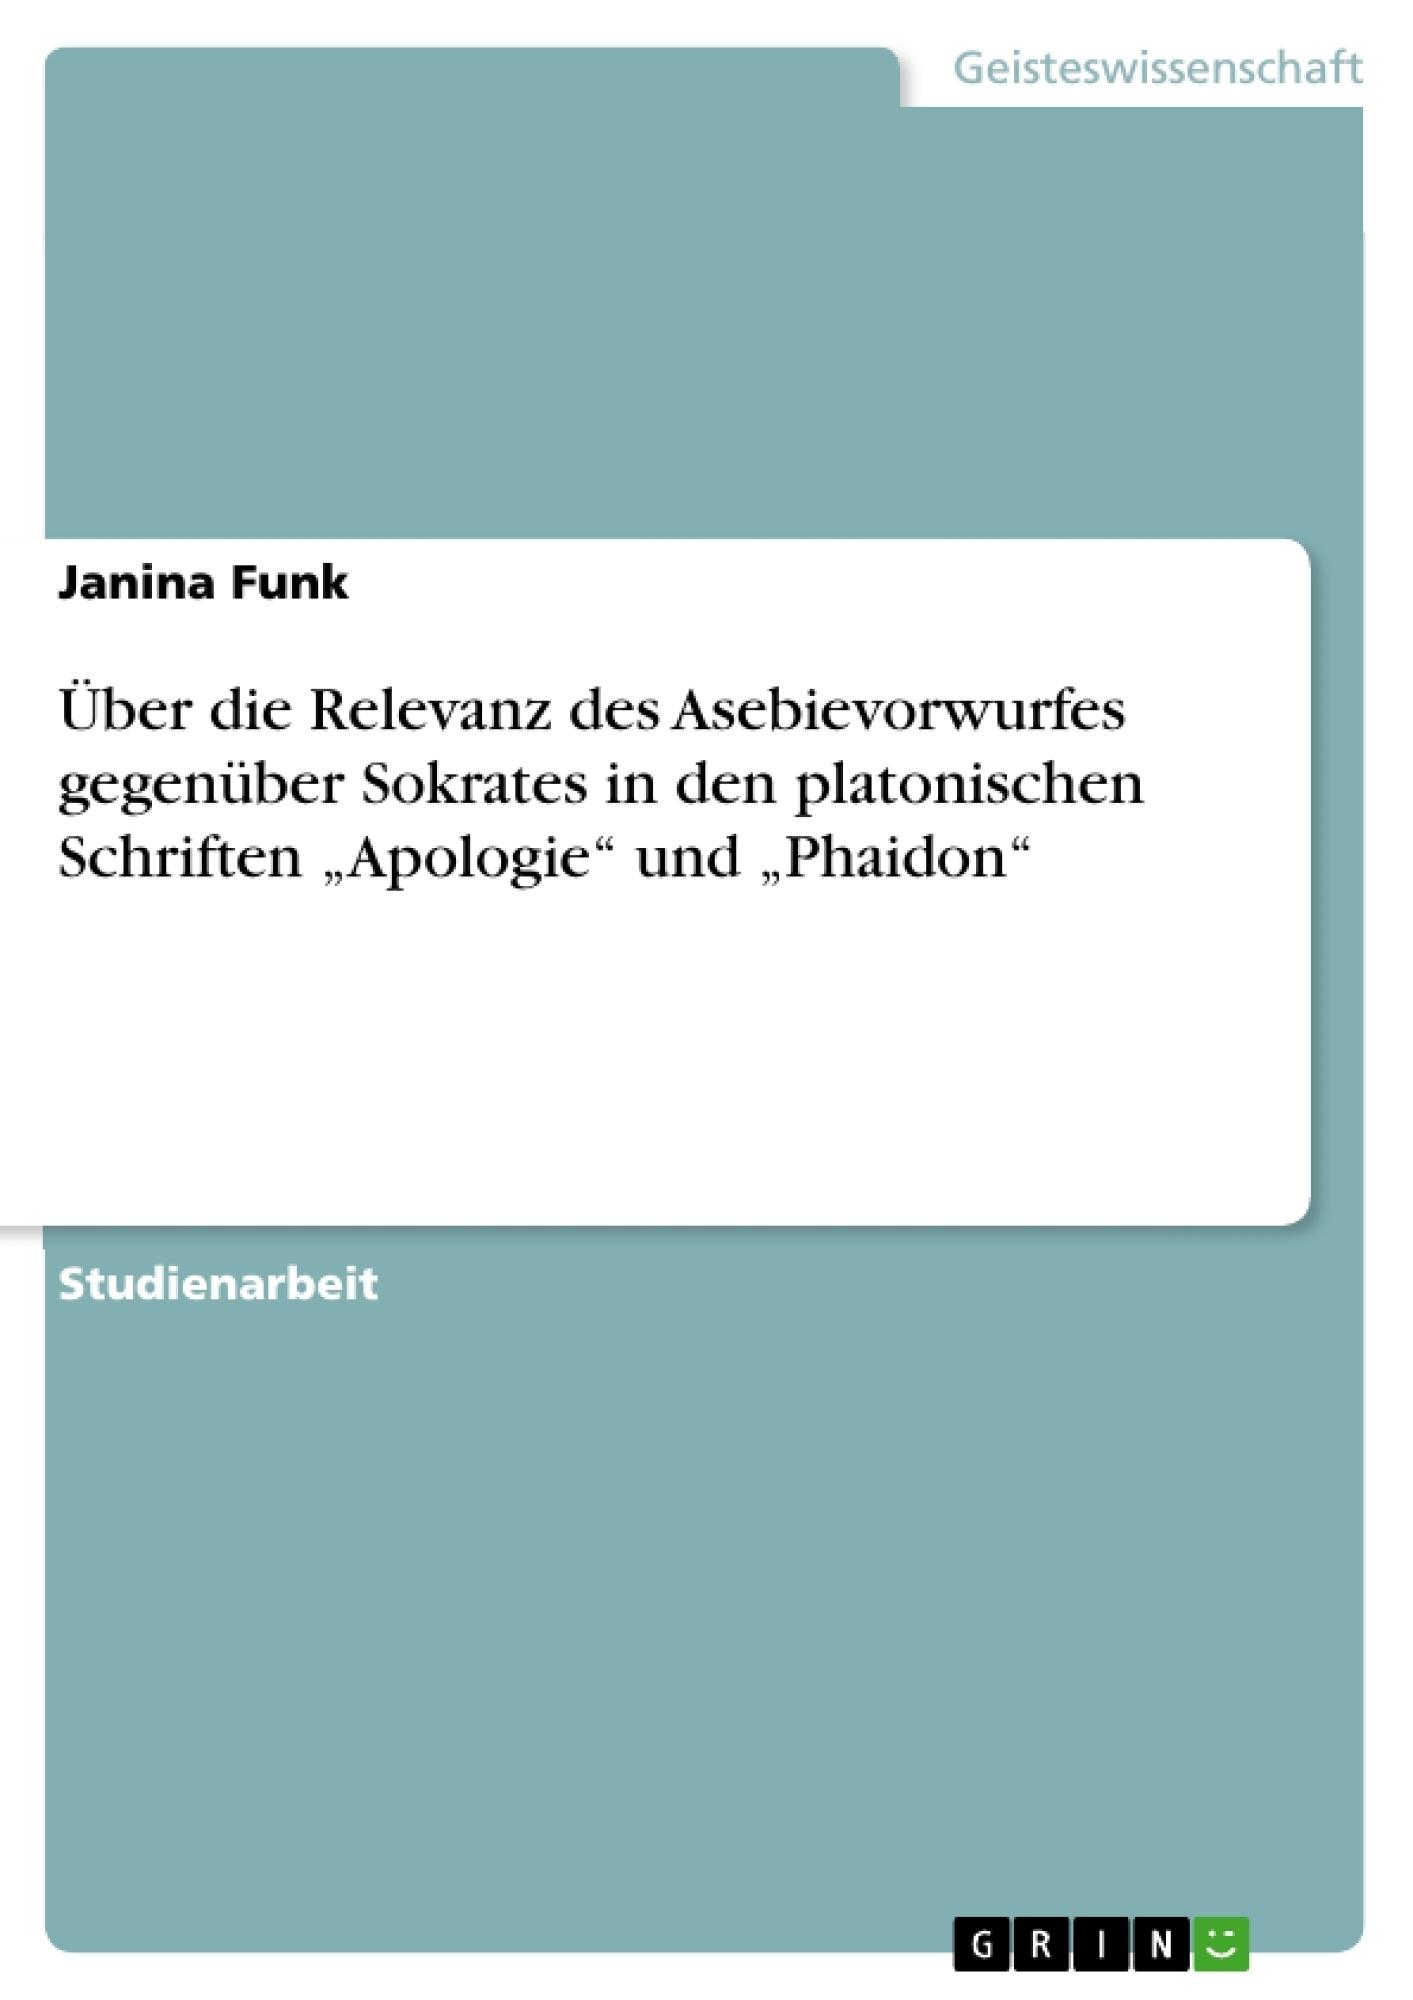 """Titel: Über die Relevanz des Asebievorwurfes gegenüber Sokrates in den platonischen Schriften """"Apologie"""" und """"Phaidon"""""""